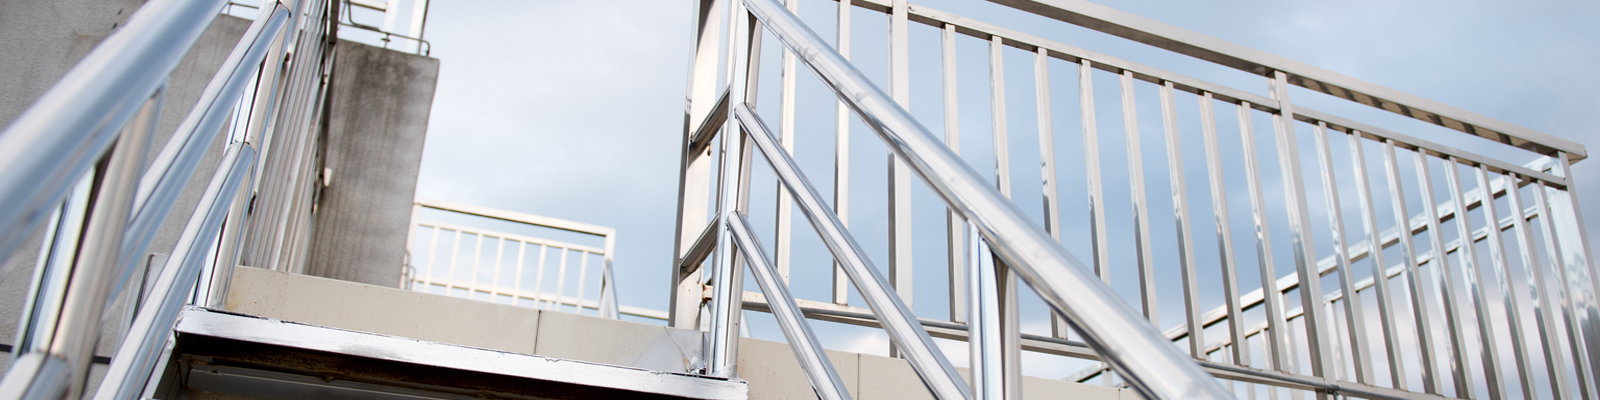 slider-stainless-railings